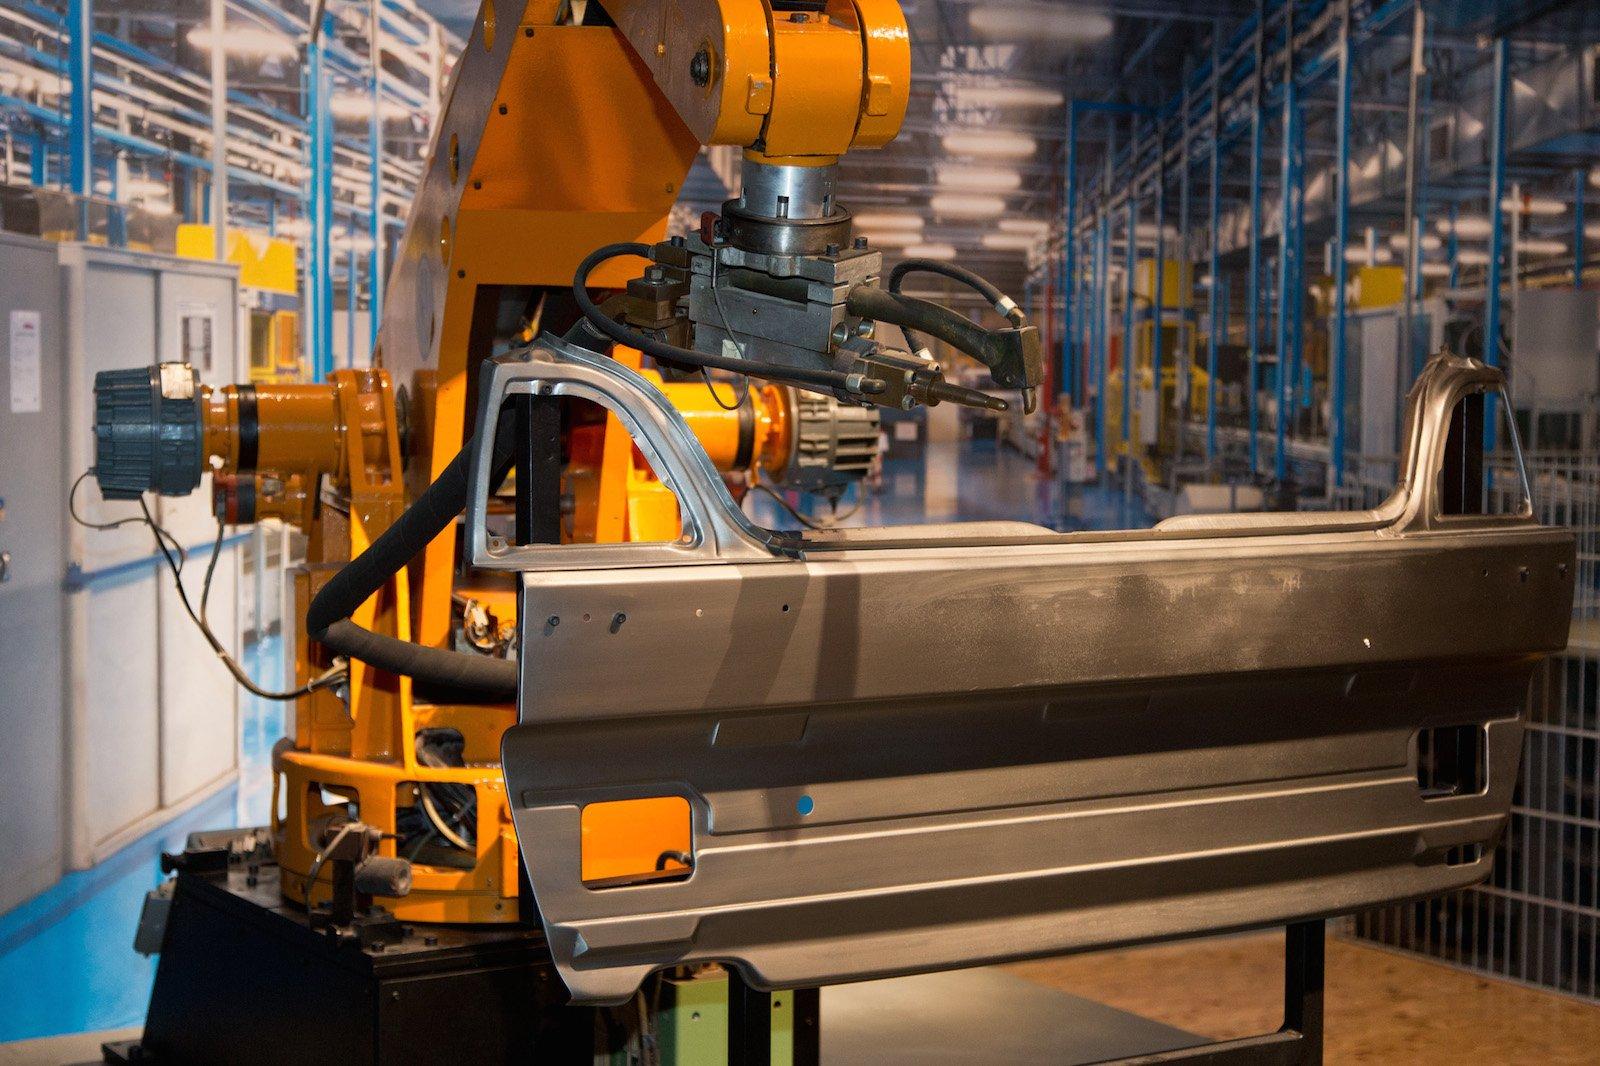 Industrieroboter von VW aus dem Jahr 1975:Die Firma General Motors setzt 1961 in denUSAzum ersten Mal Industrieroboter ein, um Autos zu bauen. Heute arbeiten weltweit rund 1,5 Millionen Industrieroboter, davon 80% in der Autoindustrie.